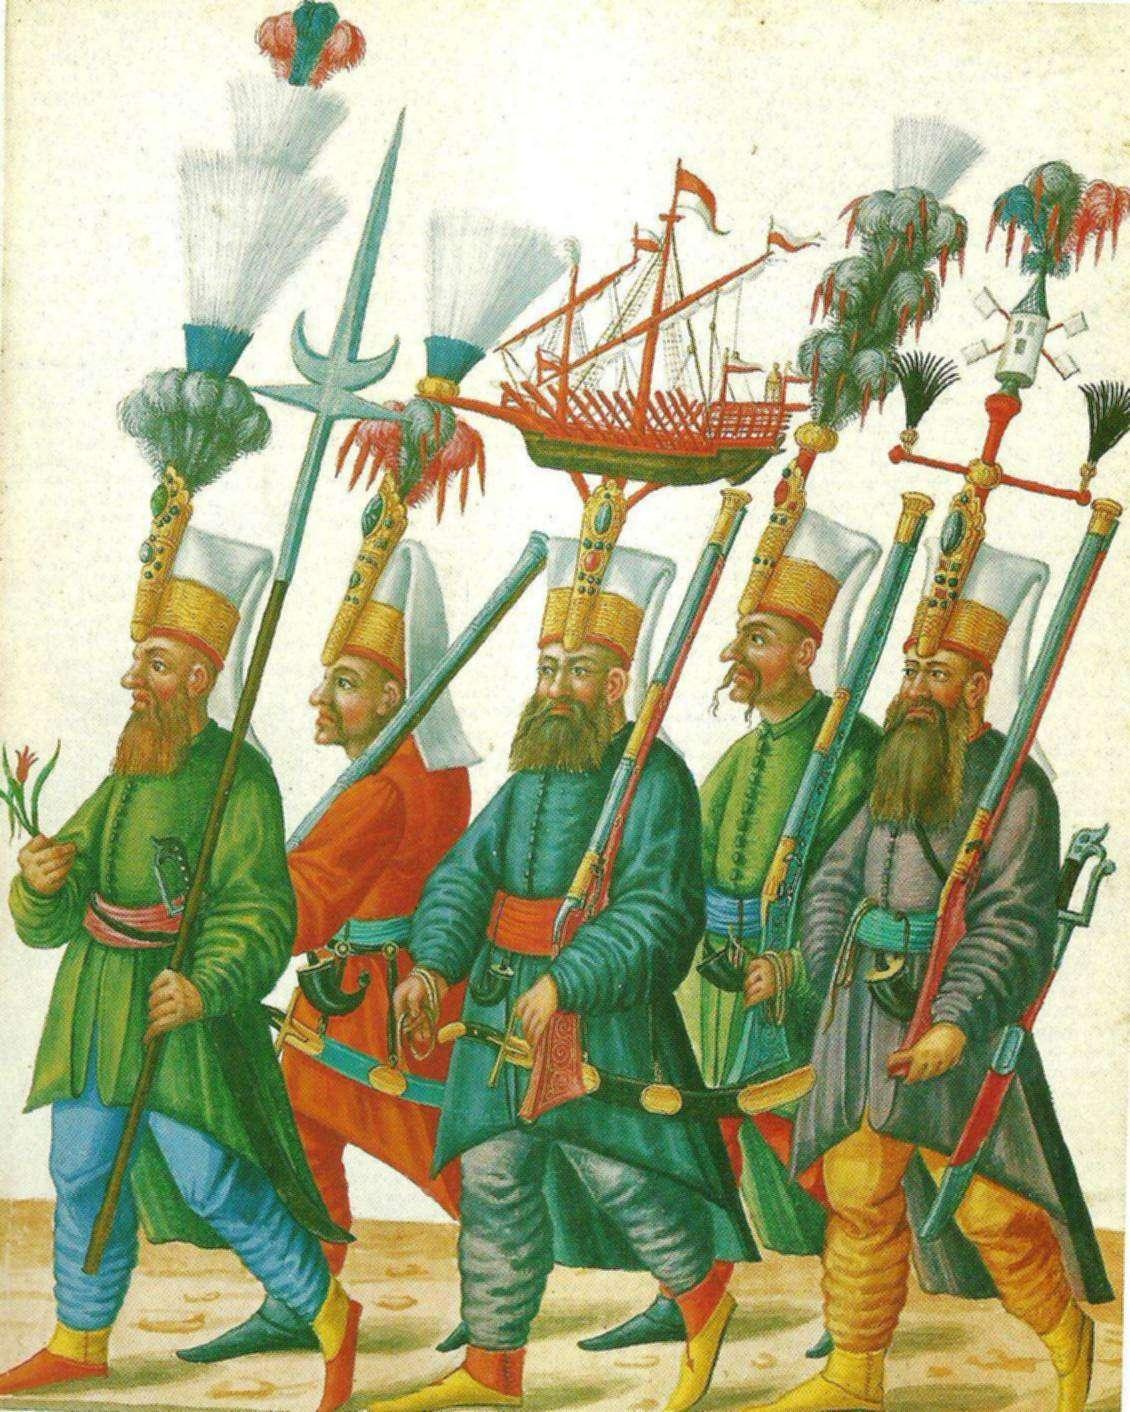 Οι Γενίτσαροι, ή γιανίσαροι (ΔΦΑ: jăn'isâr, Οθωμαν. Τουρκ. يڭيچرى, γενίσερι, «νέος στρατιώτης»), ήταν επίλεκτα σώματα της οθωμανικής αυτοκρατορίας. Αρχικά συγκροτούνταν από αιχμαλώτους πολέμου και παιδιά χριστιανικών οικογενειών που εξαναγκάζονταν από μικρή ηλικία σε στρατιωτική υπηρεσία.